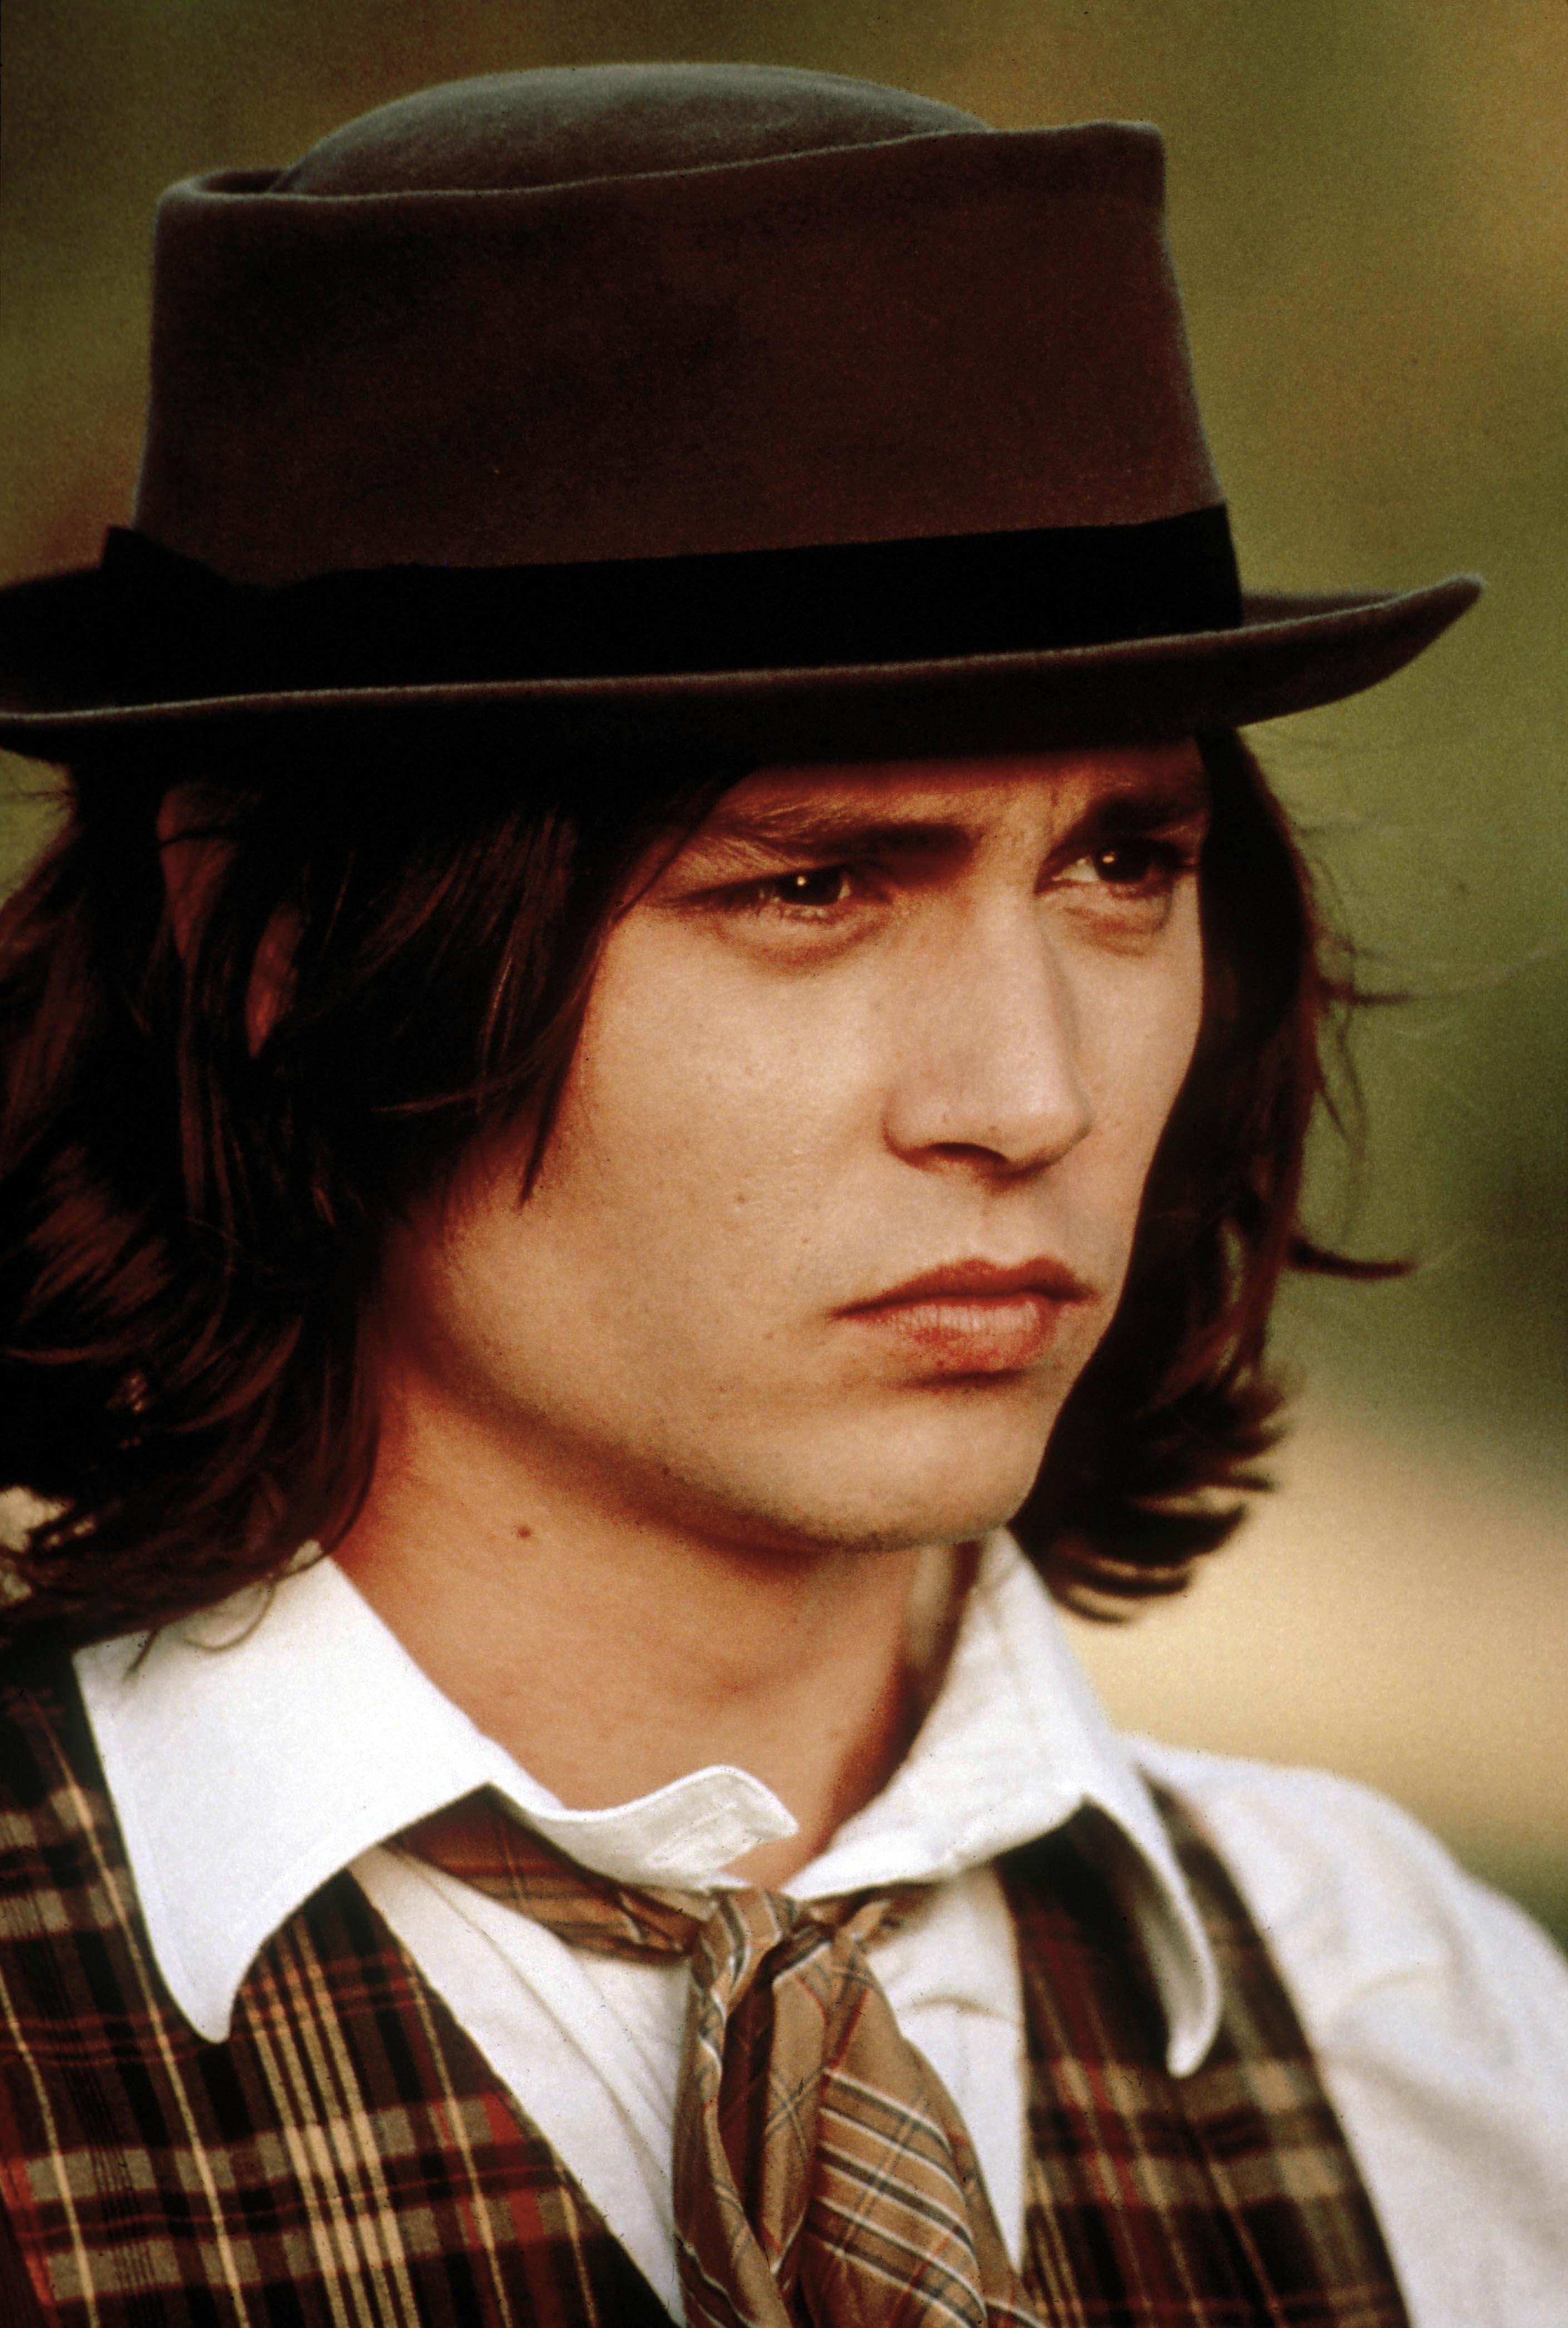 Benny & Joon (1993) | Johnny depp, Johnny movie, Johnny